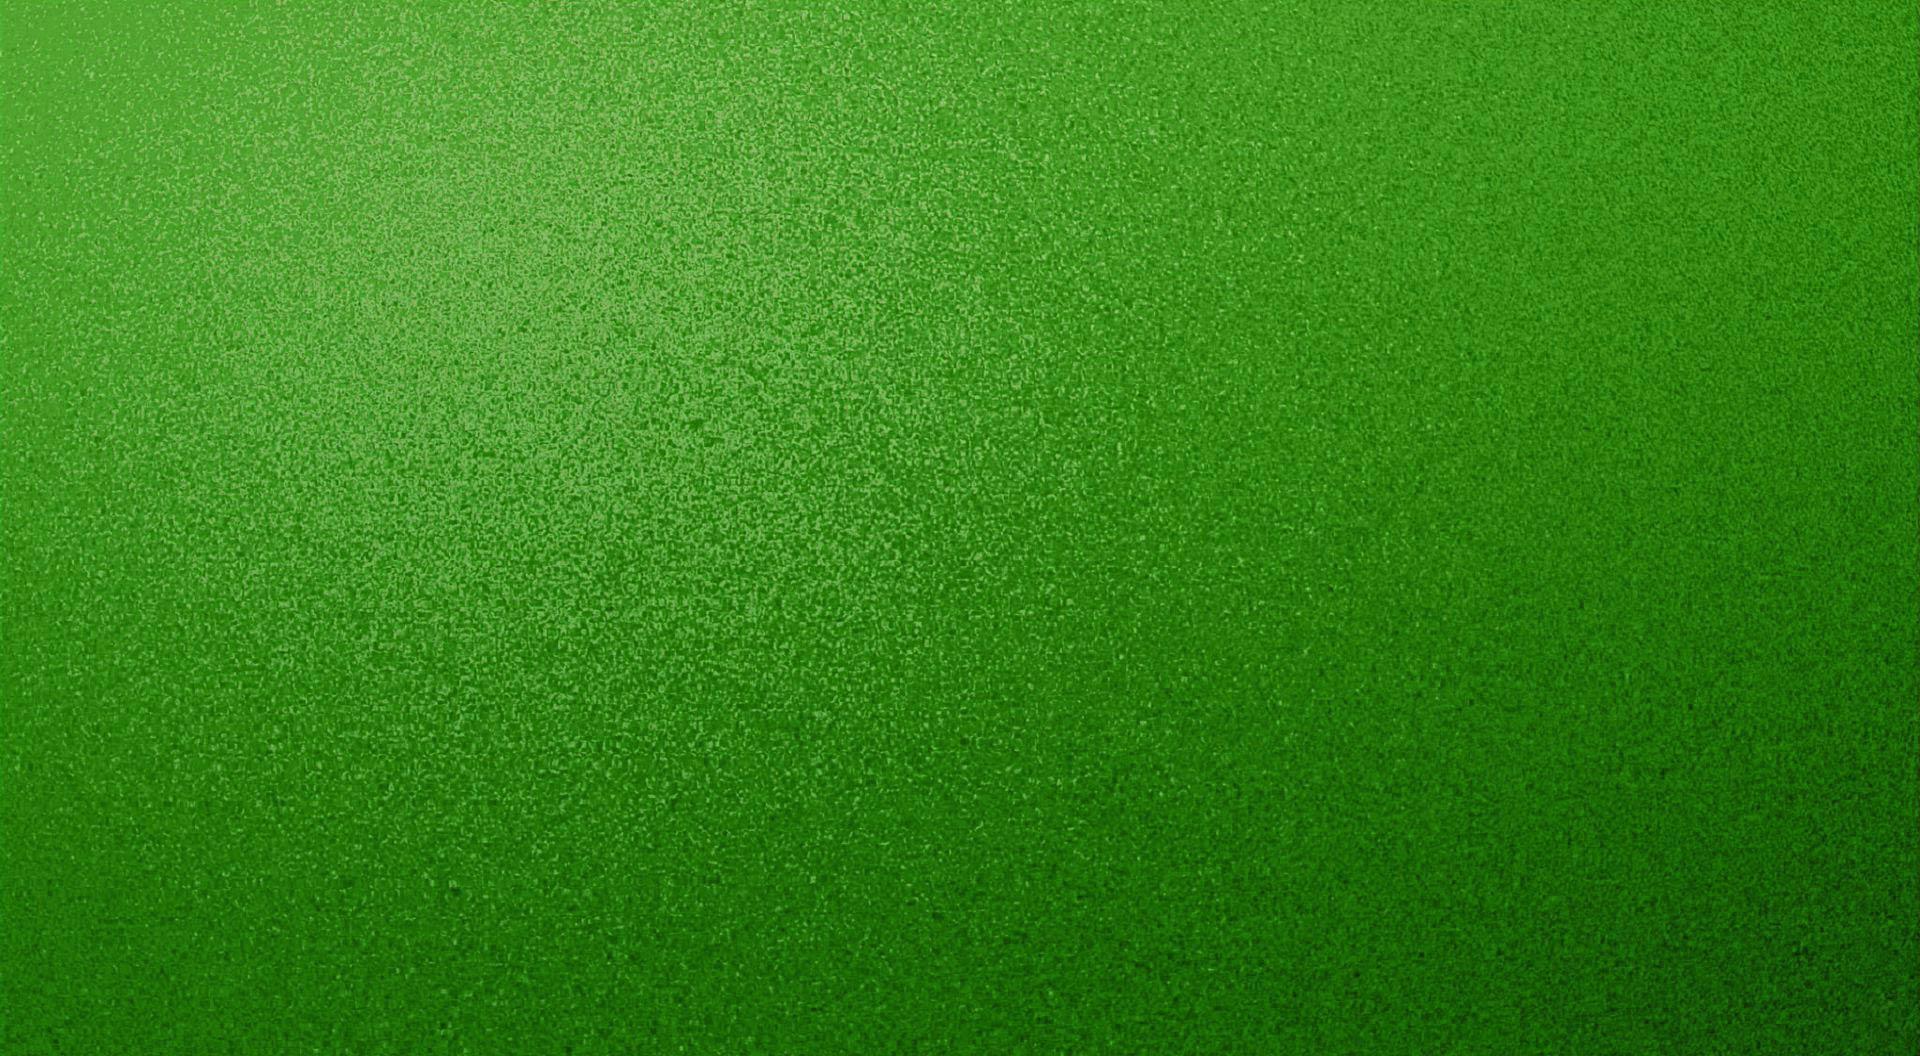 green-texture-wallpaper.jpg